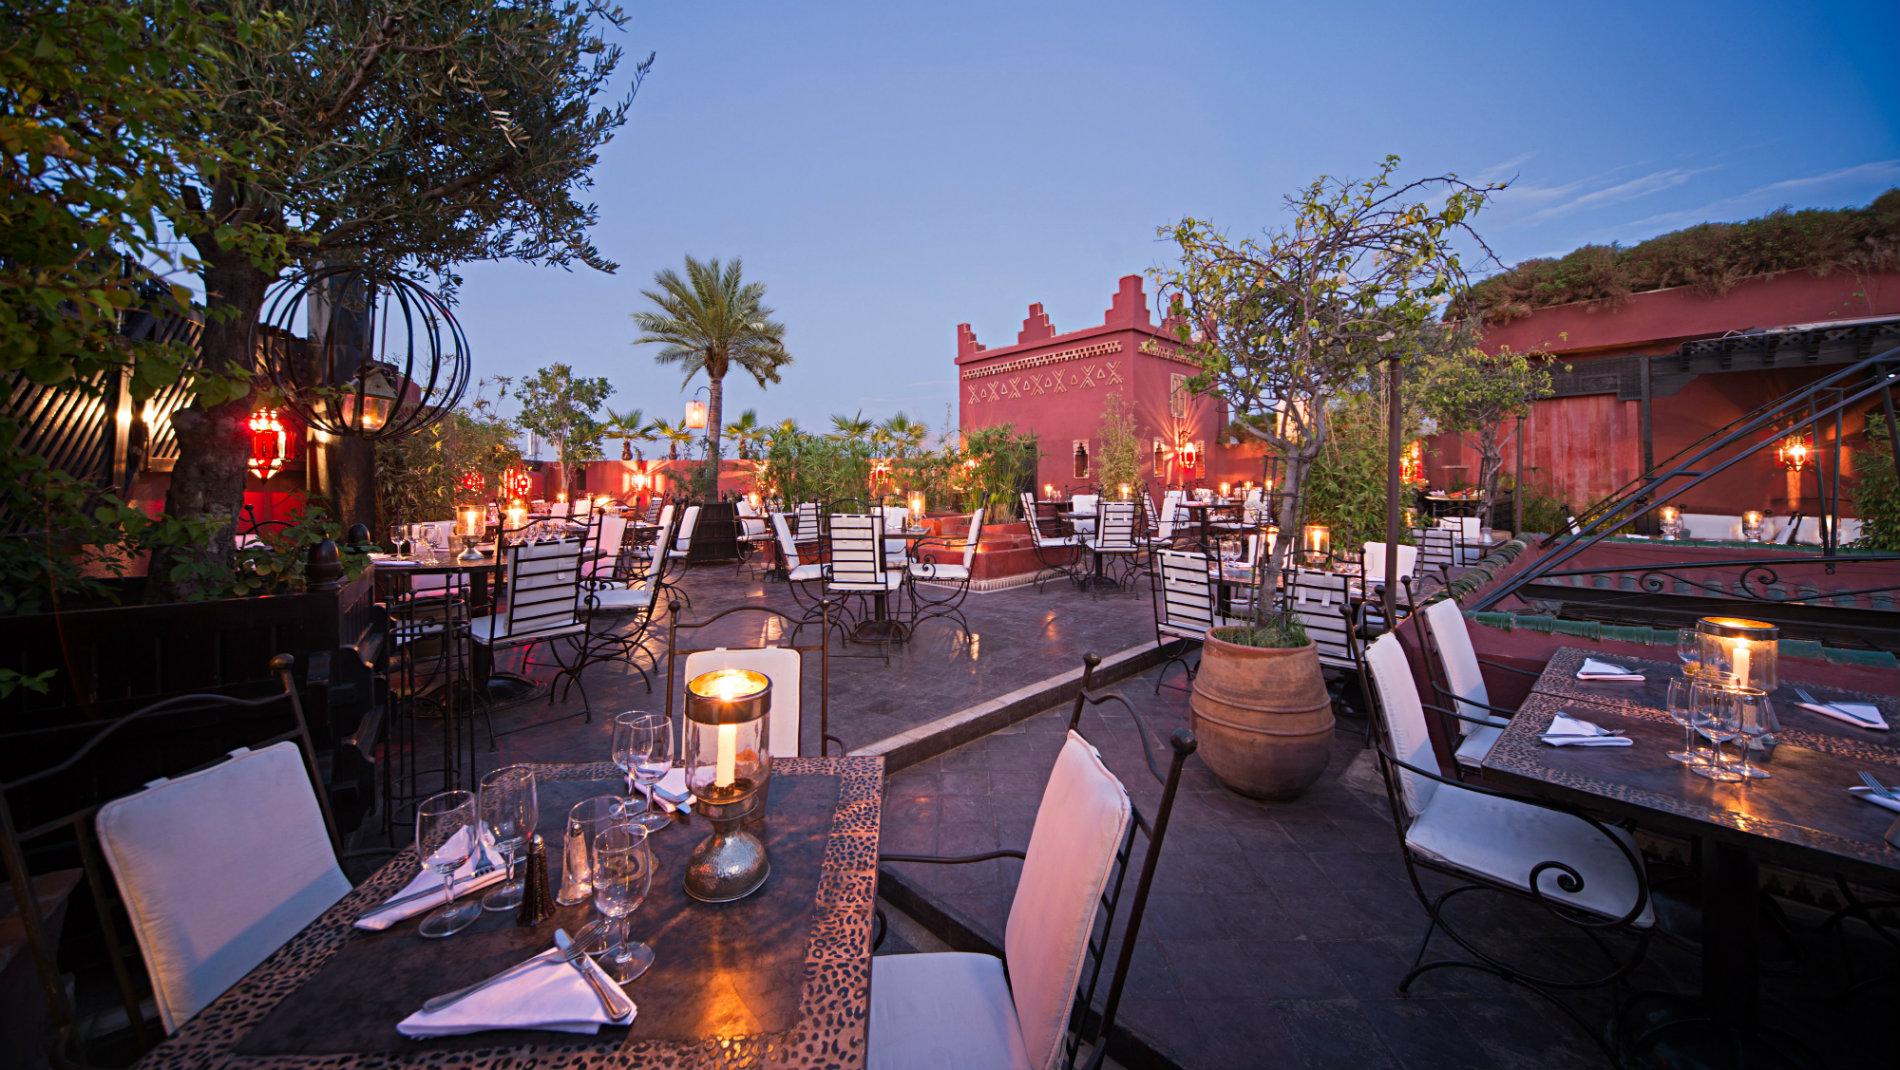 eef76d0318 49 stunning rooftop bars and restaurants